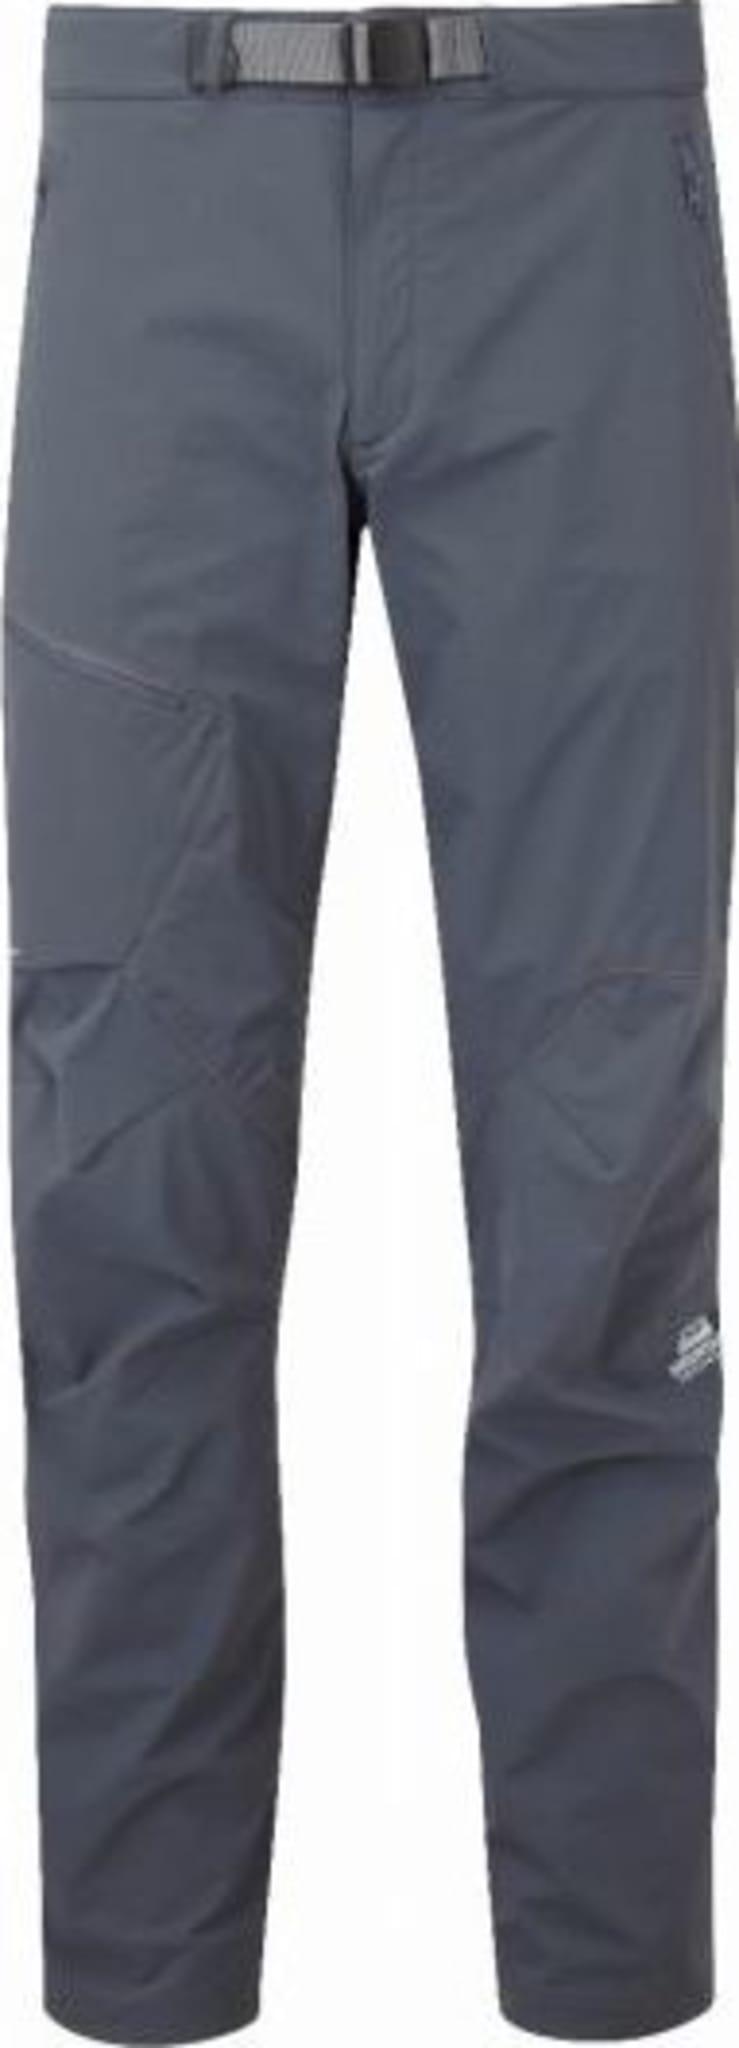 Lett bukse med stretch, som tåler mye vind og fuktighet